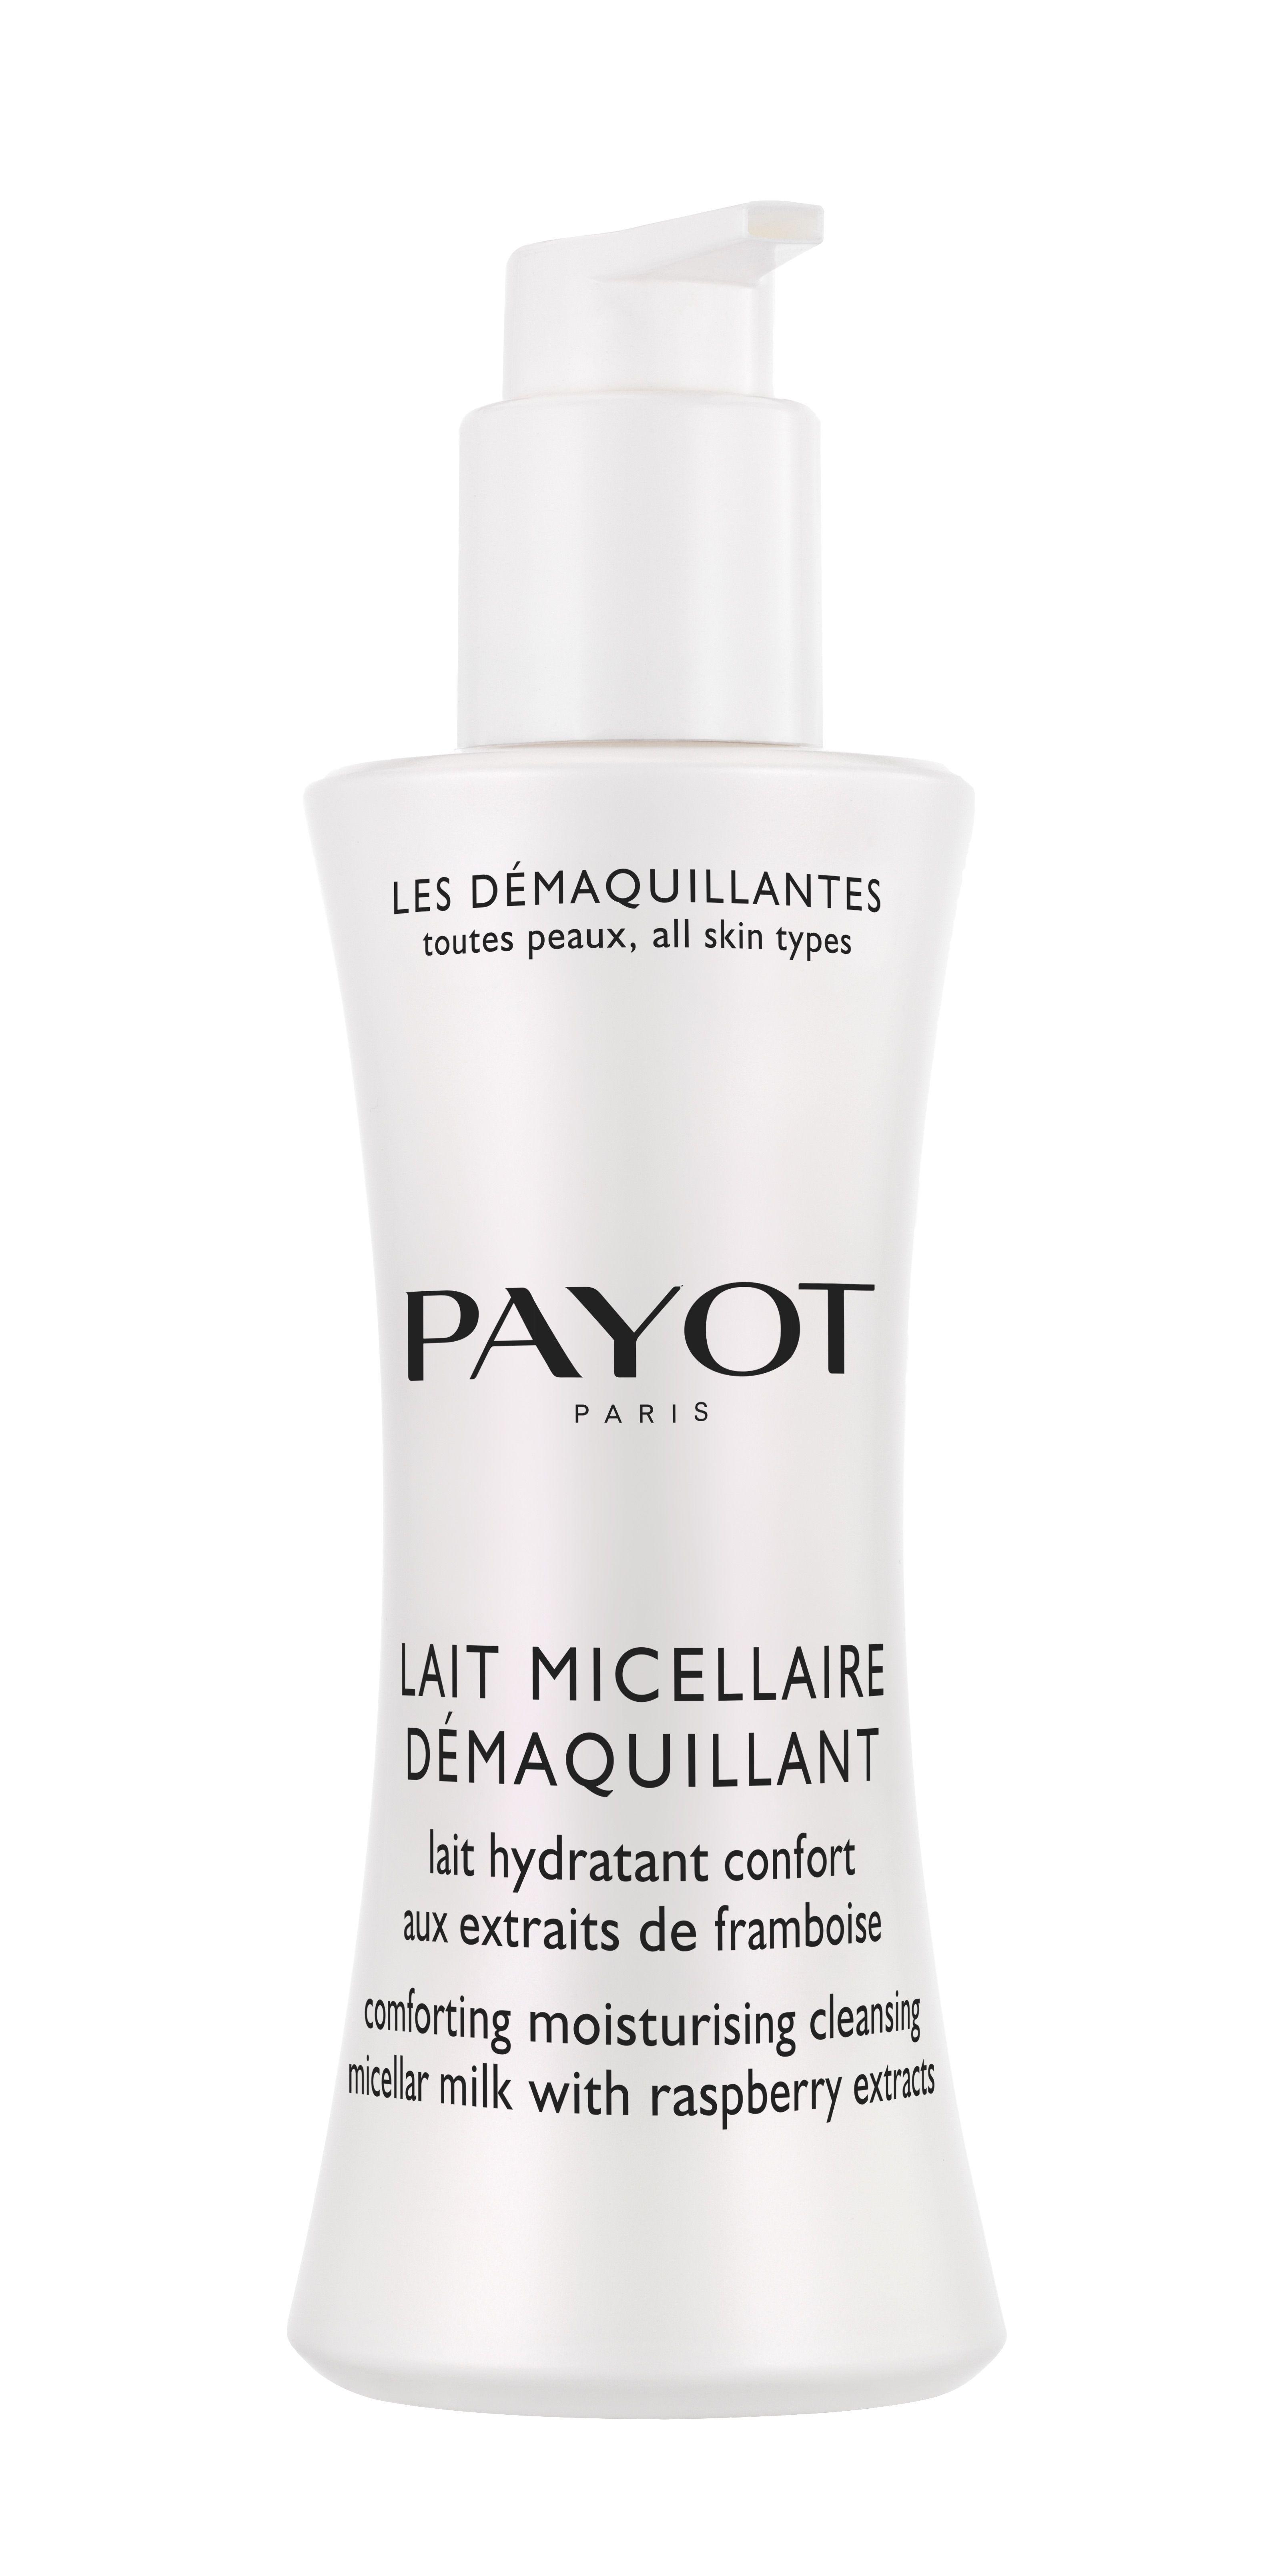 Lait_micellaire_démaquillant